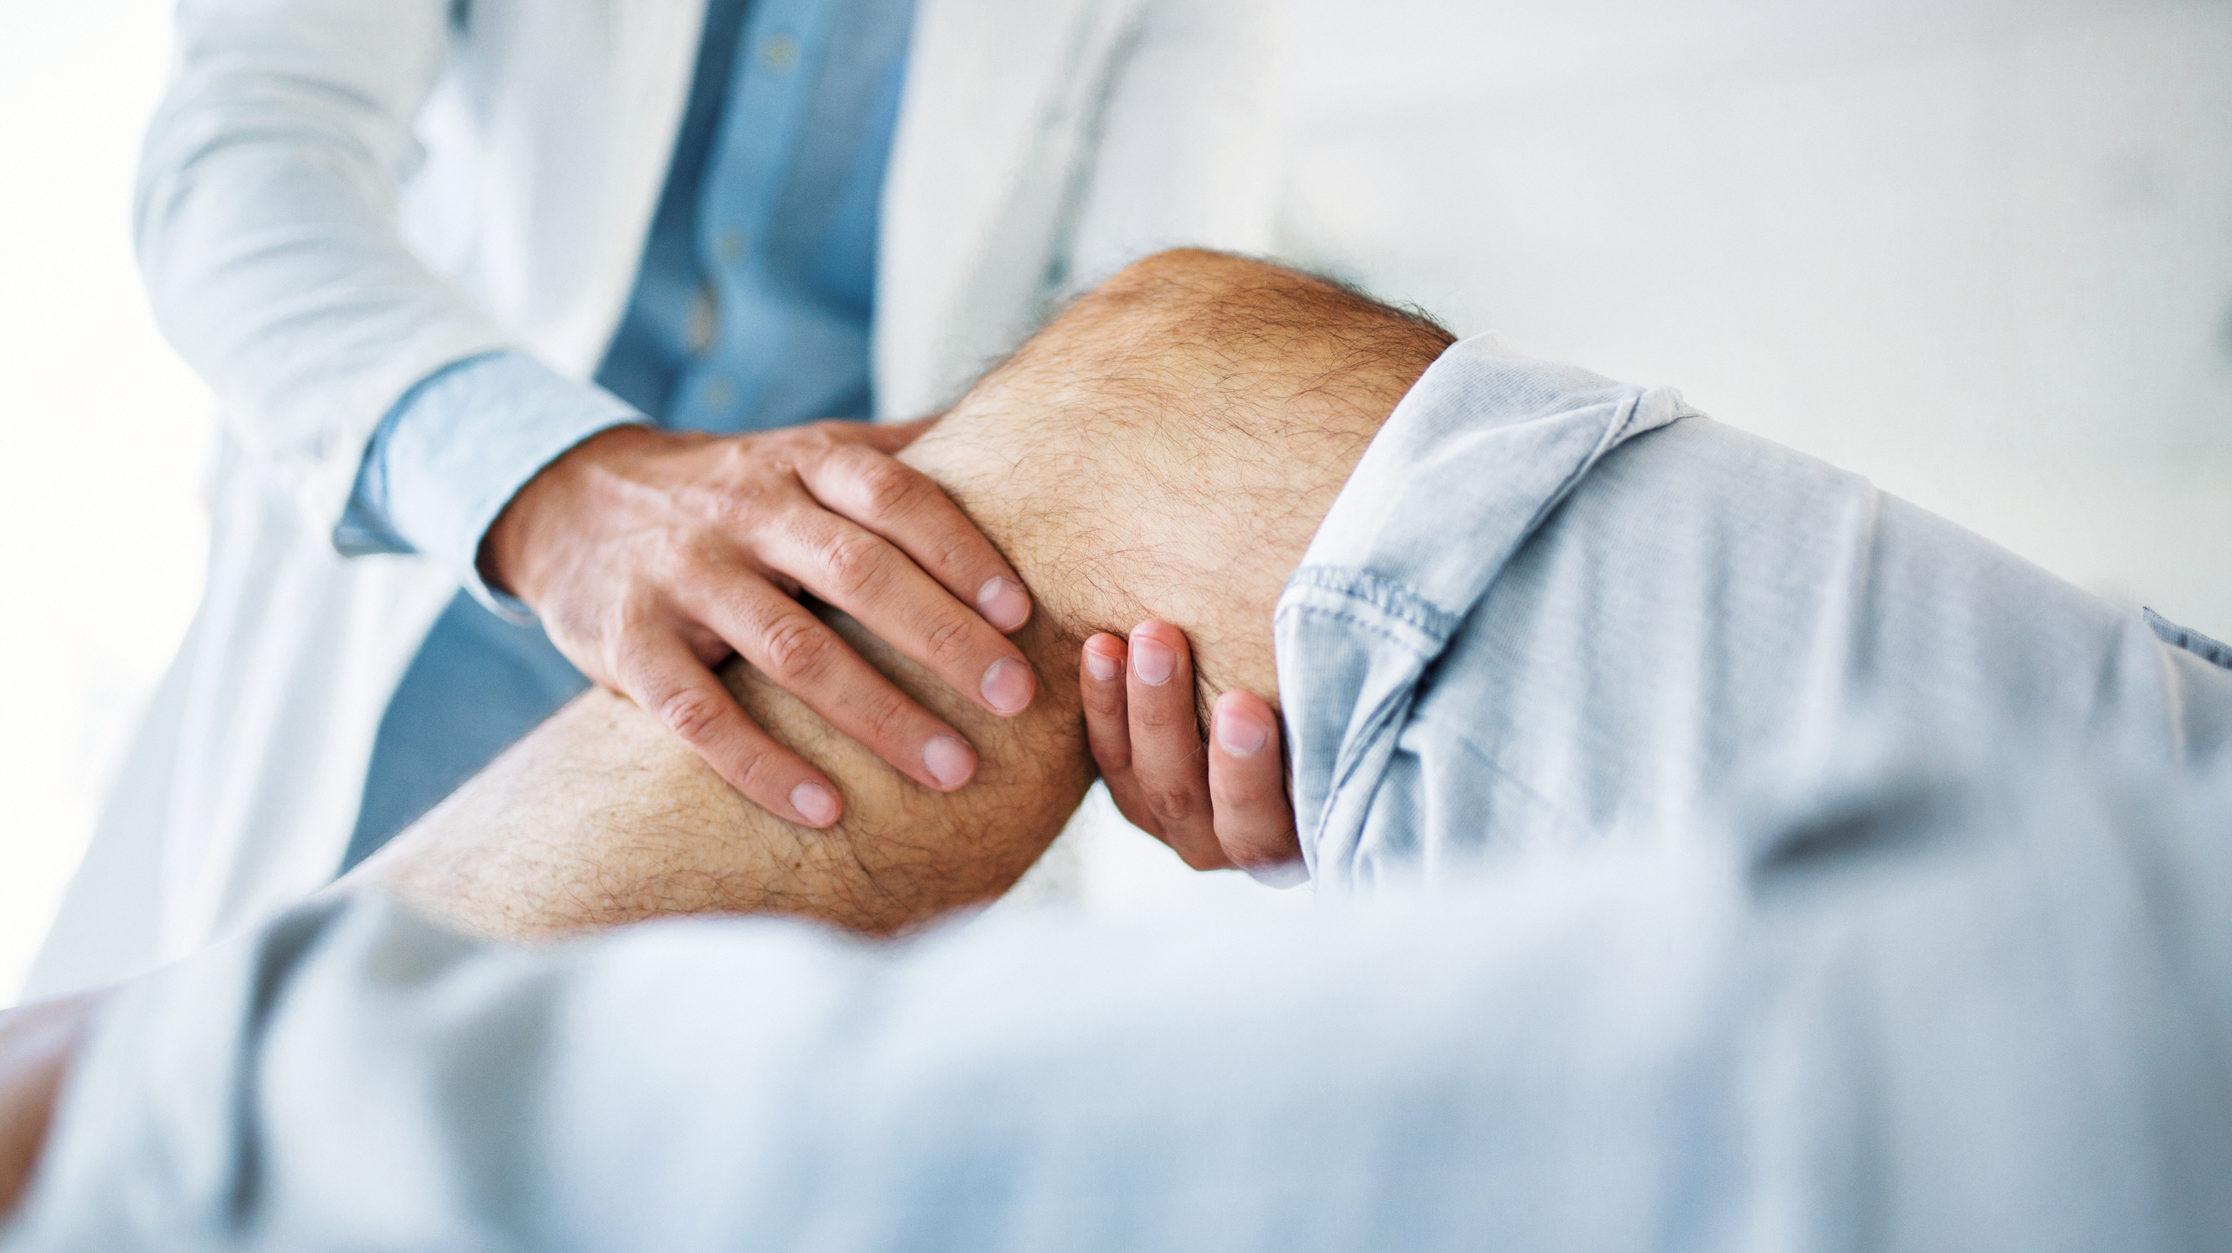 áttörés a pikkelysömör kezelésében 2020 piros folt a jobb kéz csuklóján